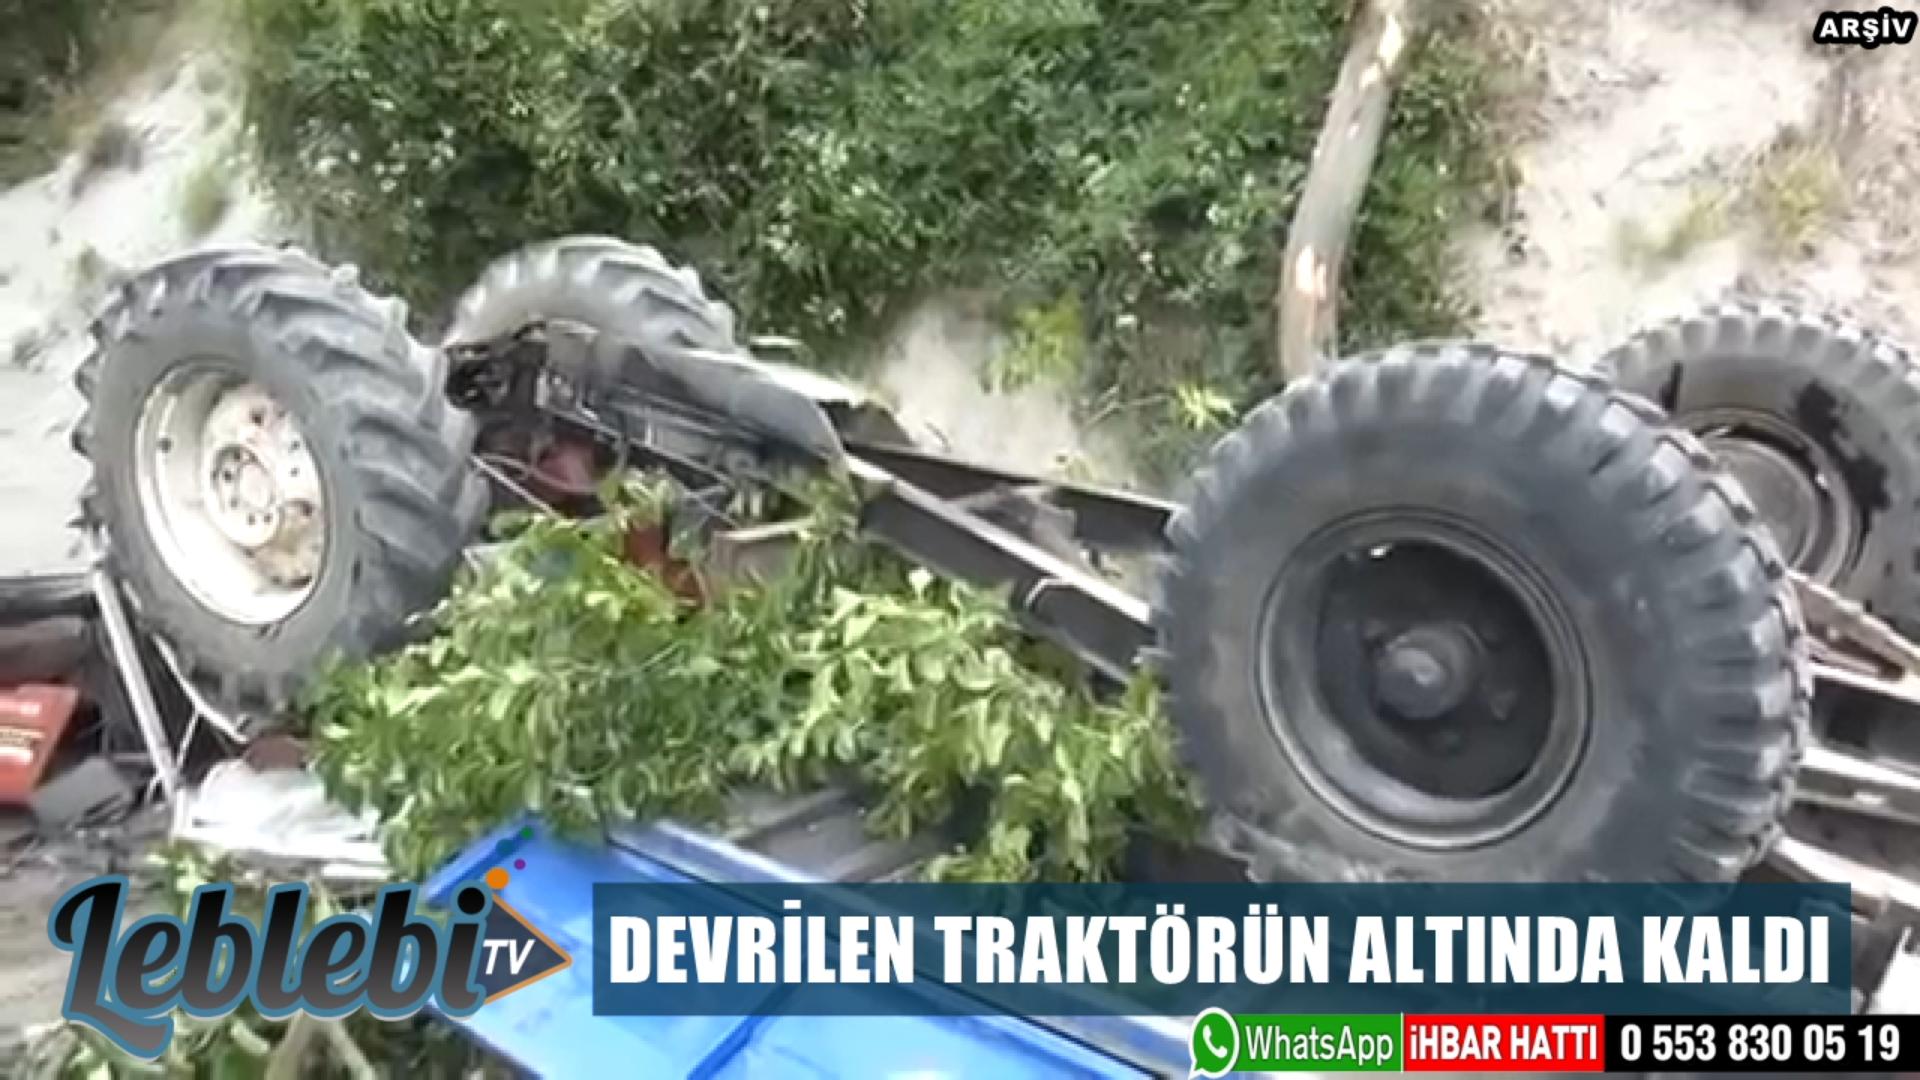 DEVRİLEN TRAKTÖRÜN ALTINDA KALDI